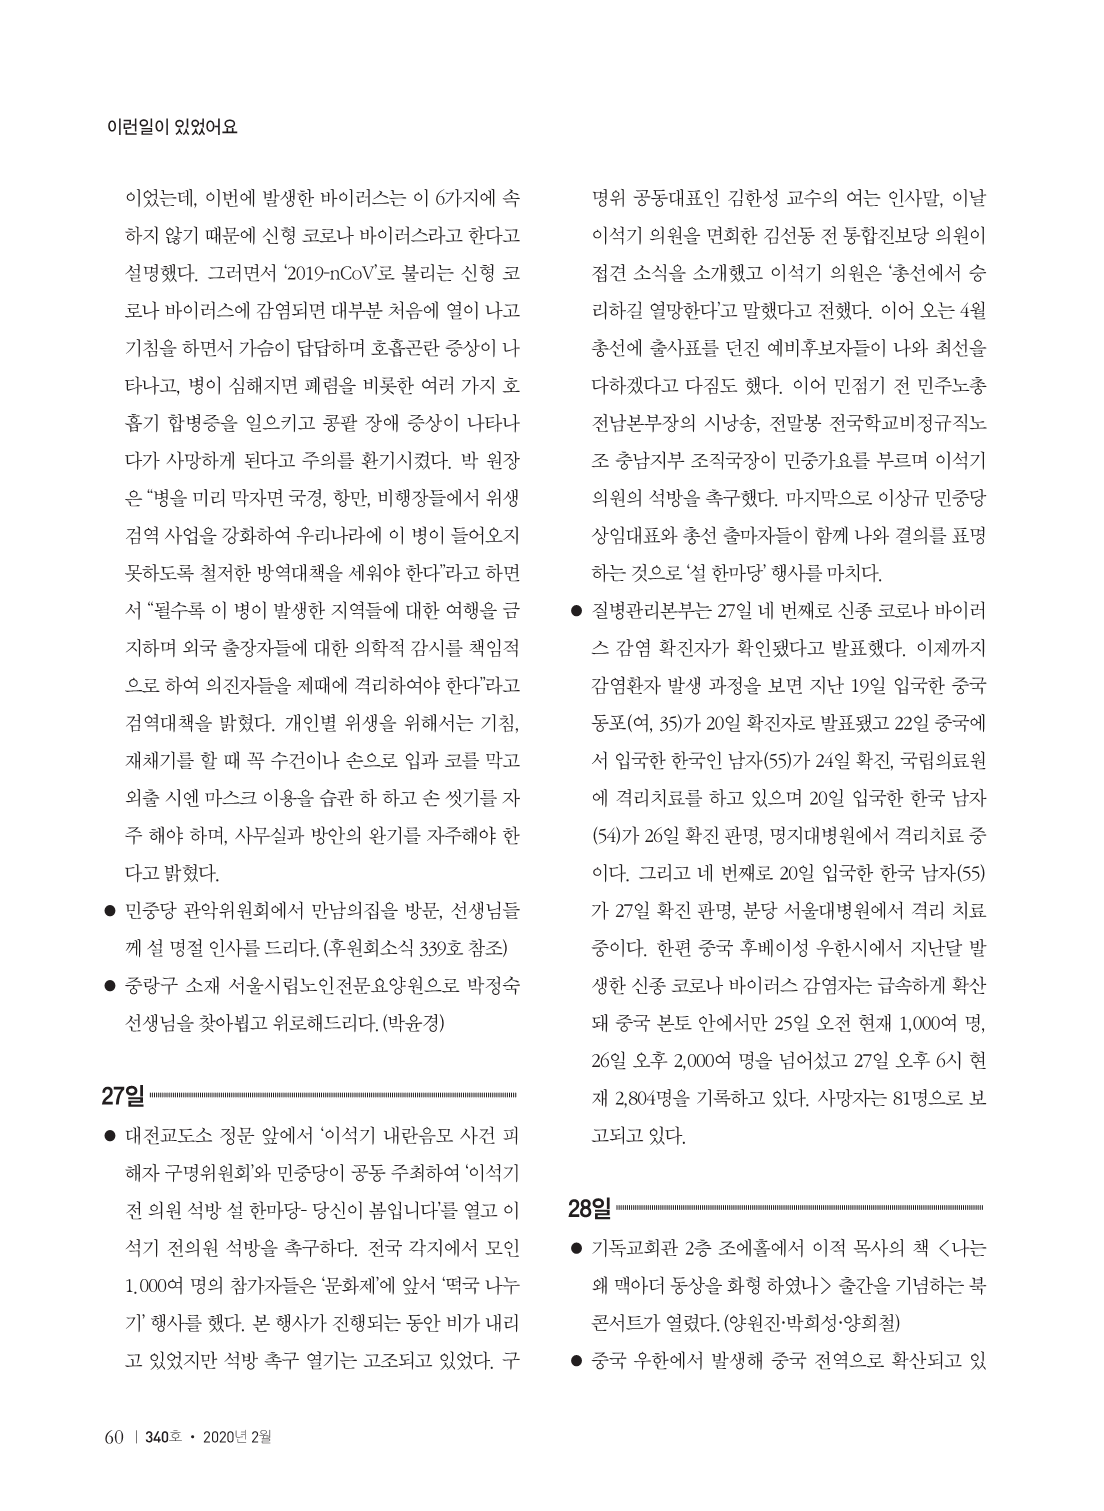 c3a550e7-2d95-46c0-bdec-64c56104ebf4.pdf-0062.png